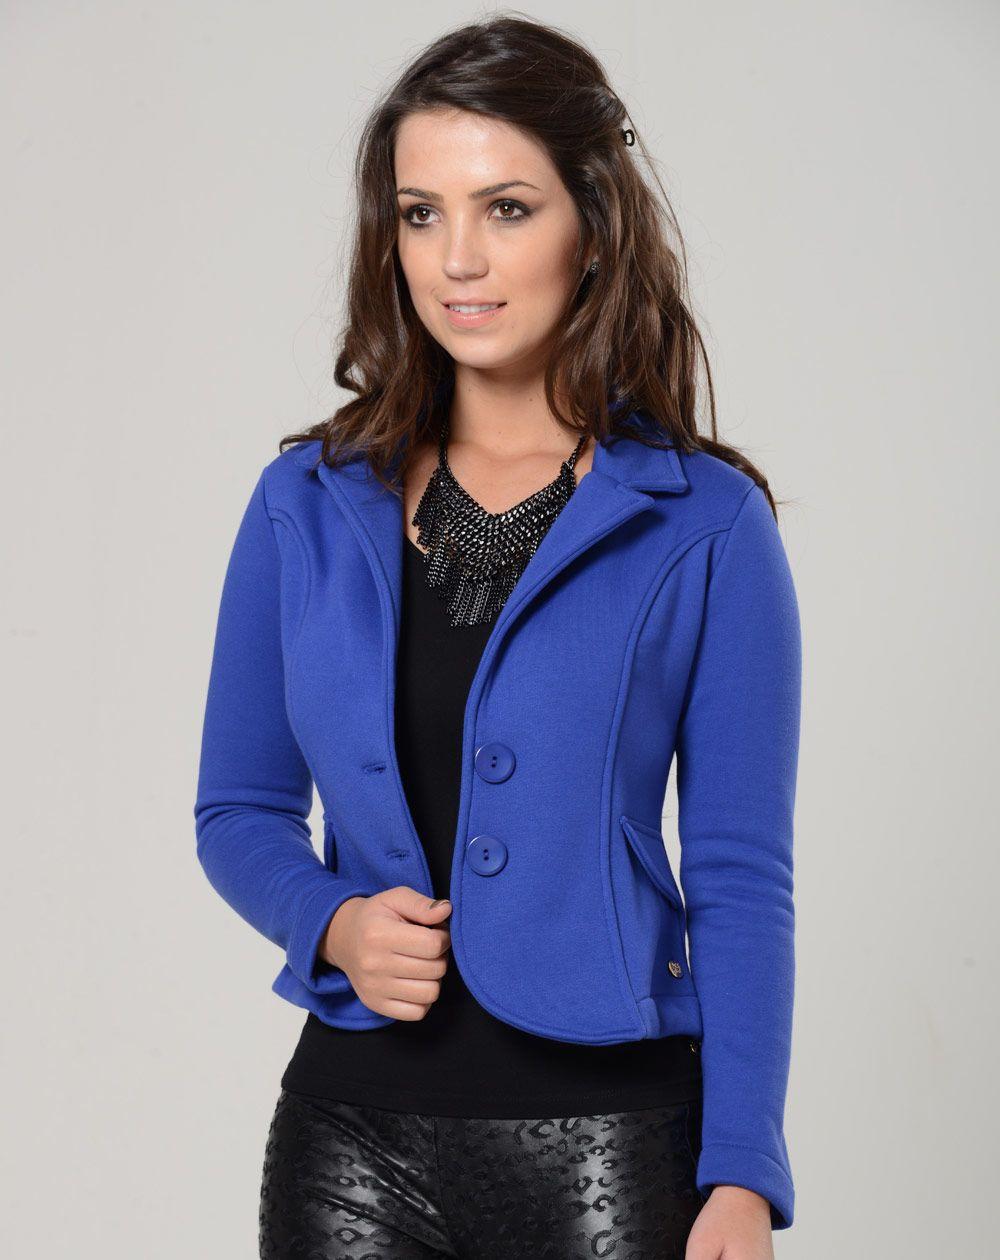 a11584467e blazer feminino acinturado - Pesquisa Google